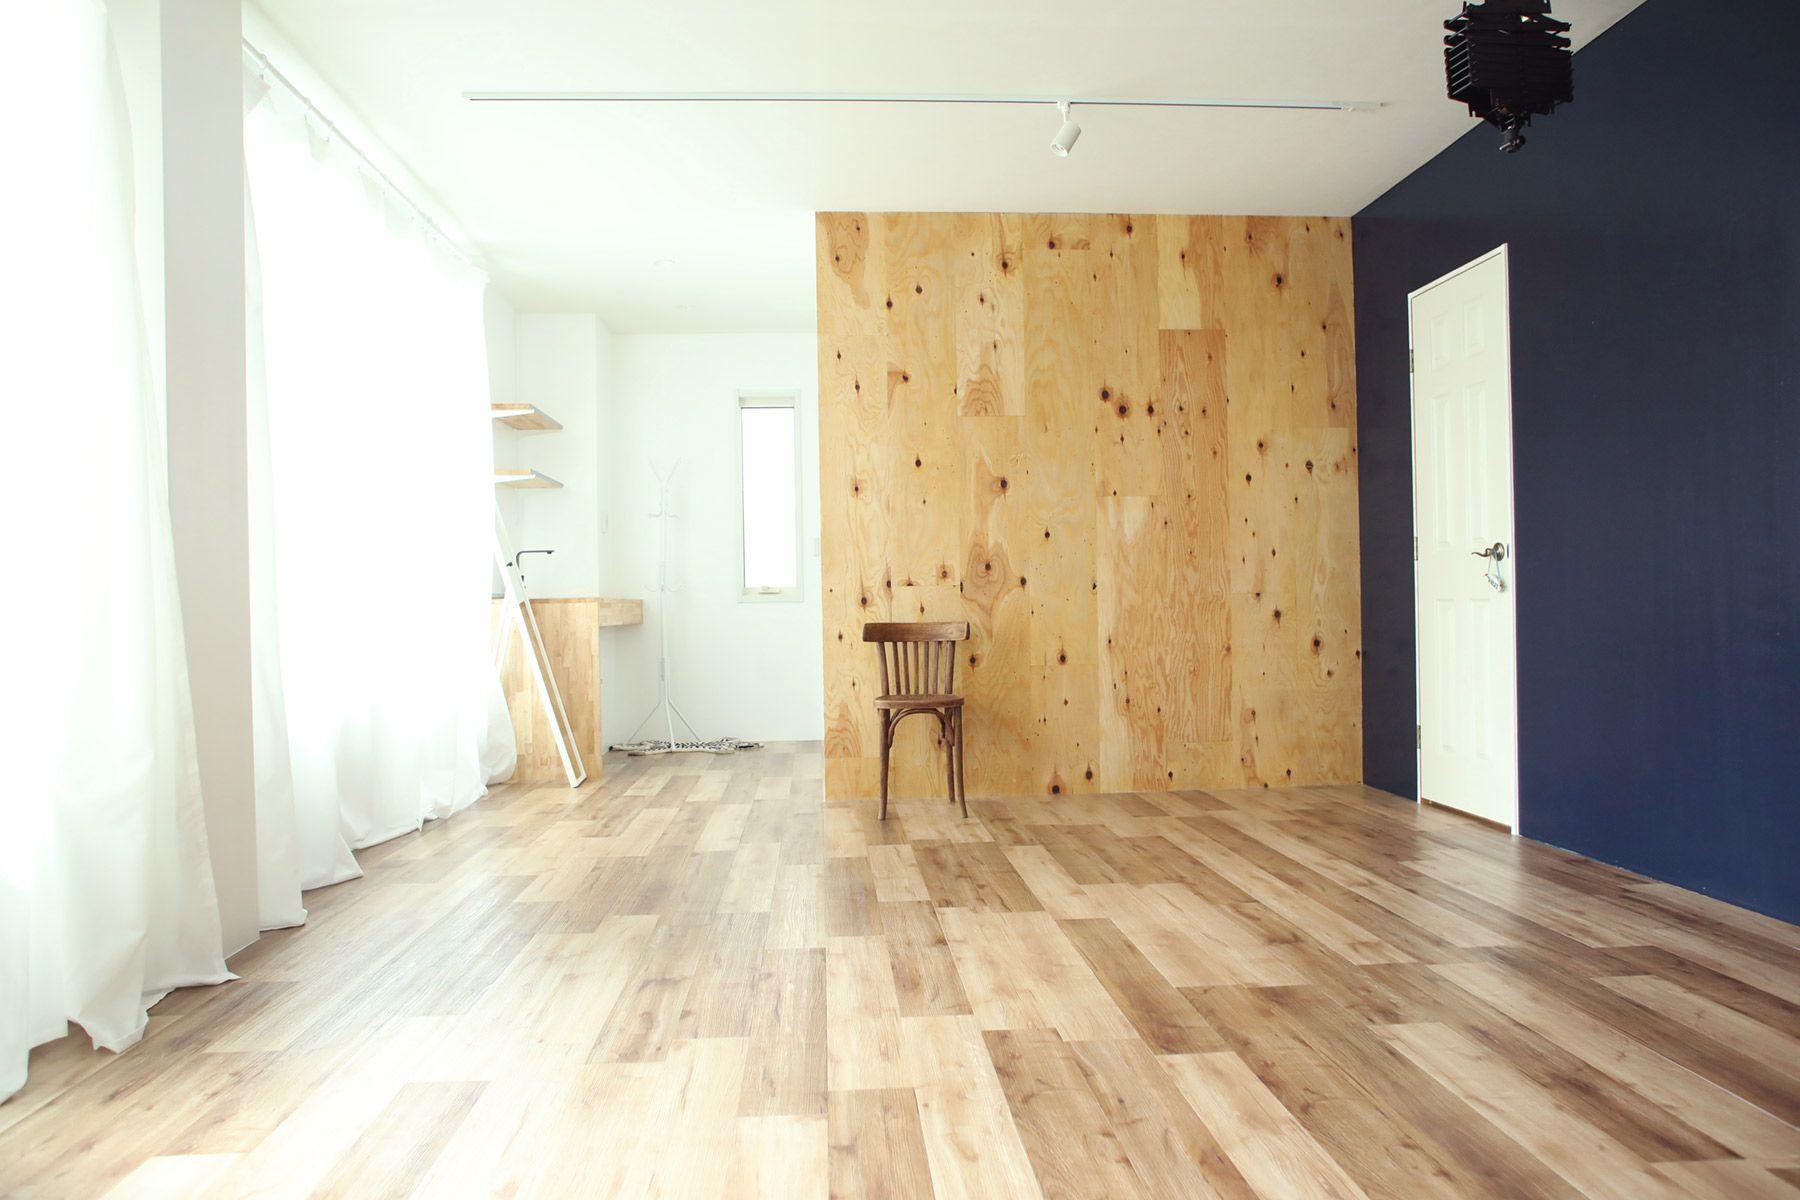 荻窪写真館スタジオ (オギクボシャシンカン)木壁